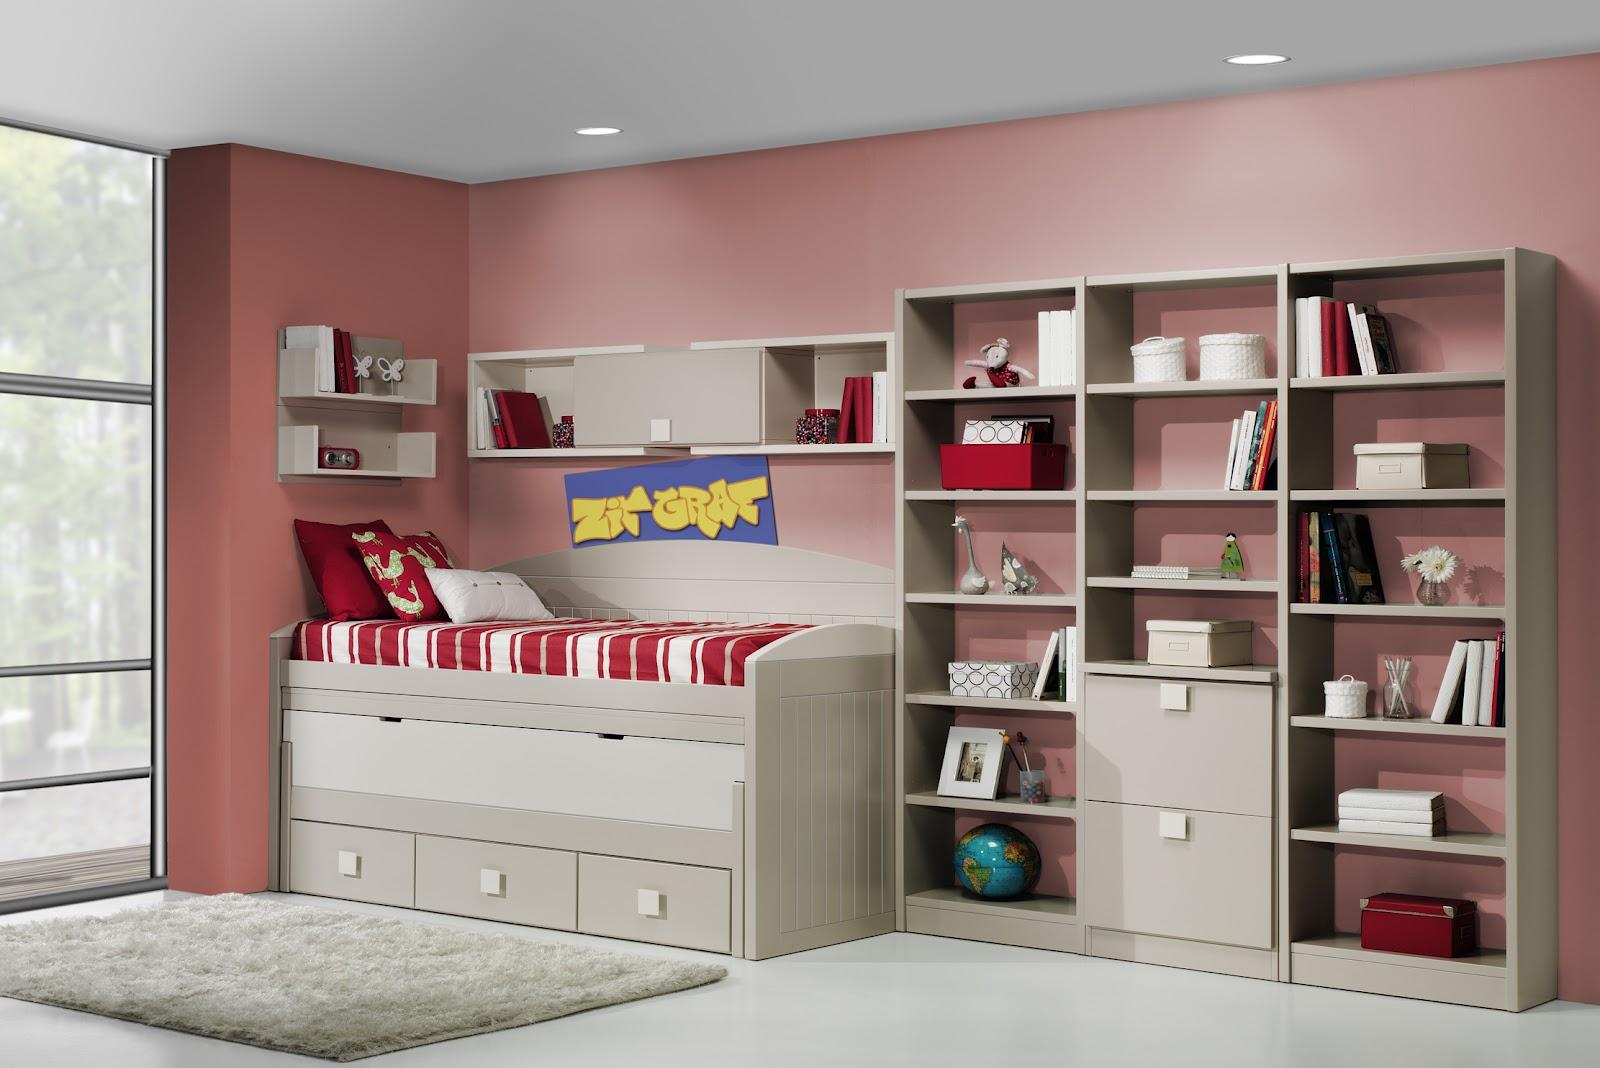 Dormitorios habitaciones juveniles e infantiles lacadas - Estanterias para dormitorios ...